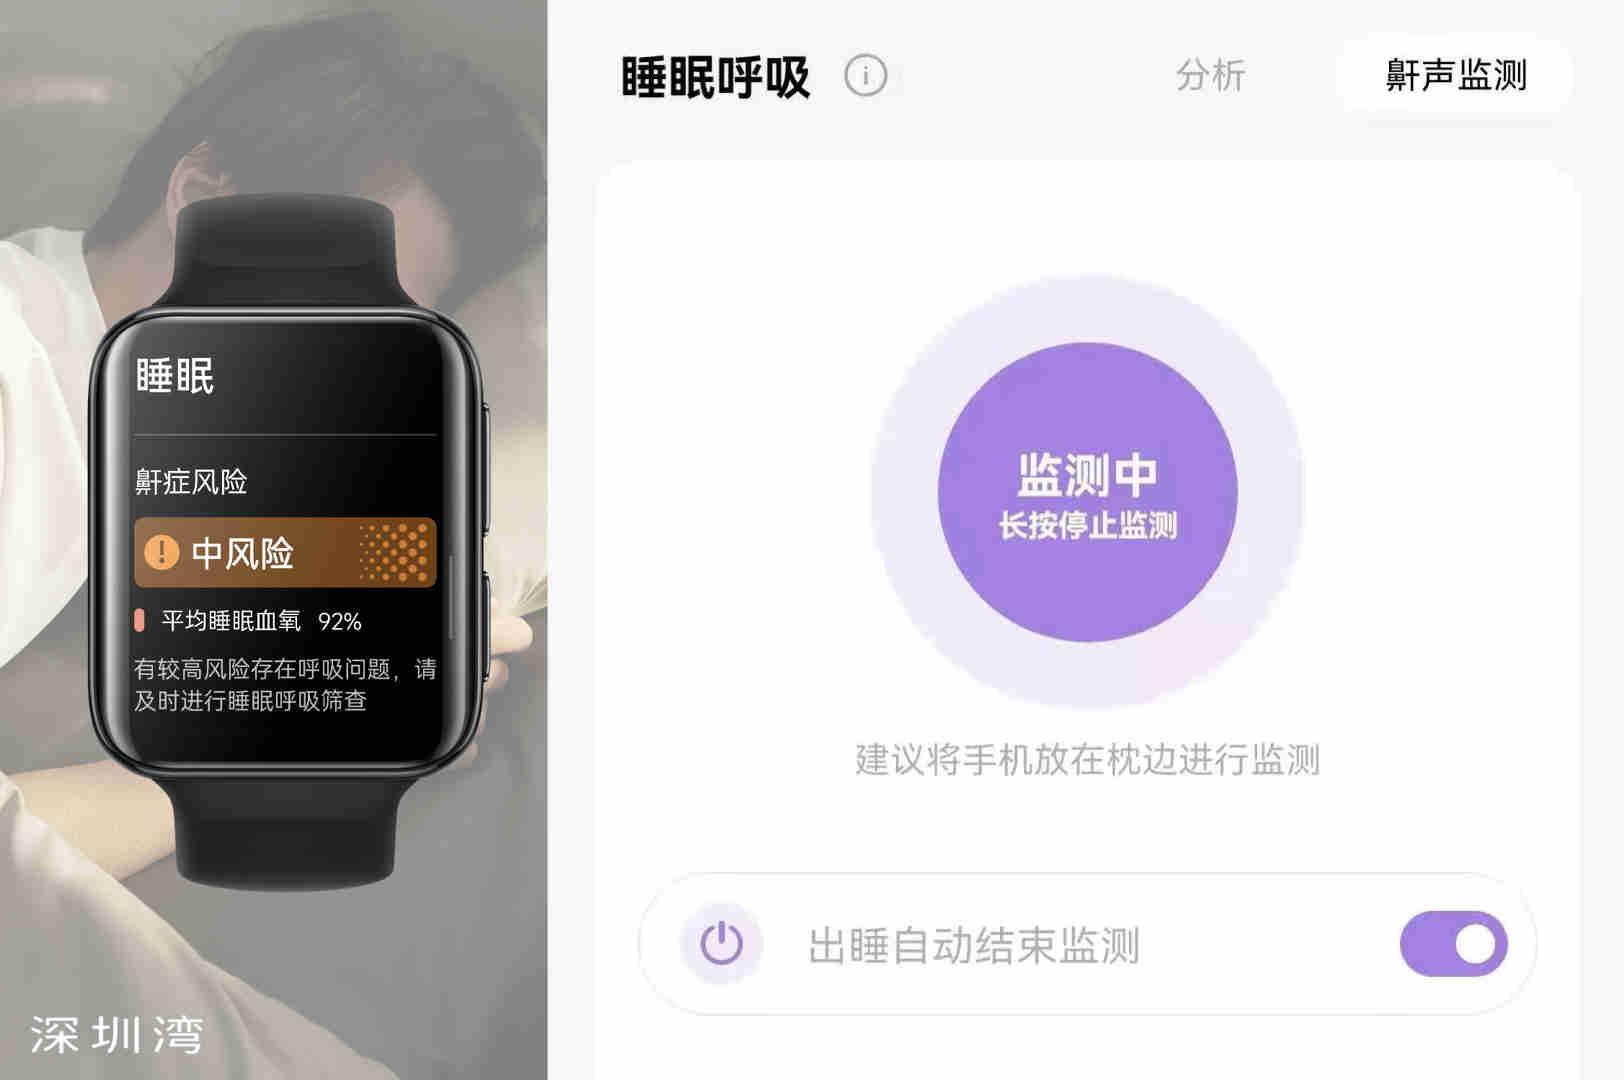 OPPO Watch 2 shenzhenware report image 3x2 20210728